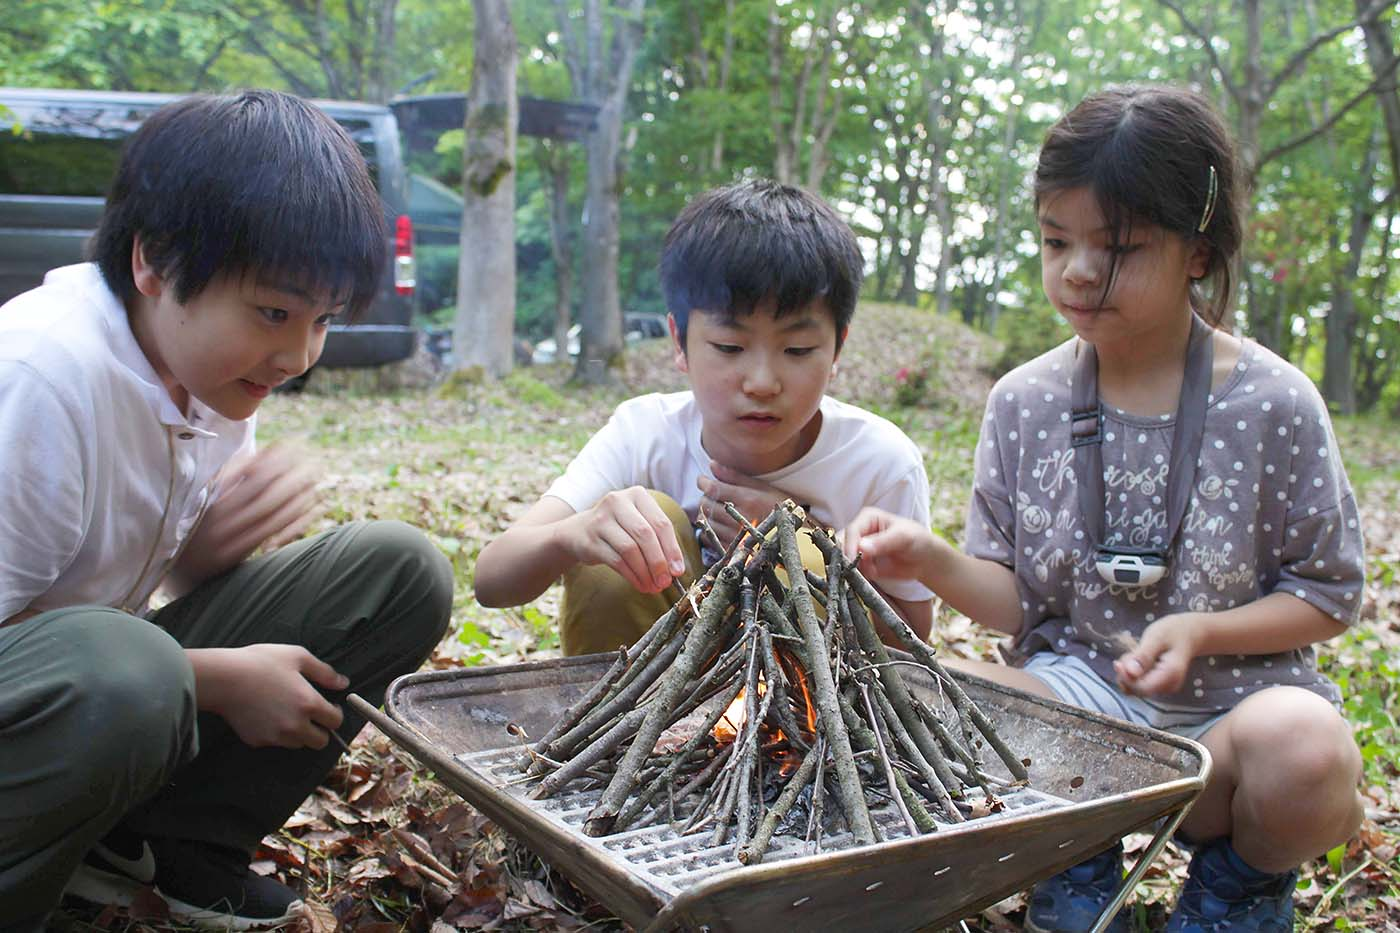 久しぶりのいこいの森キャンプ場で焚き火キャンプ!